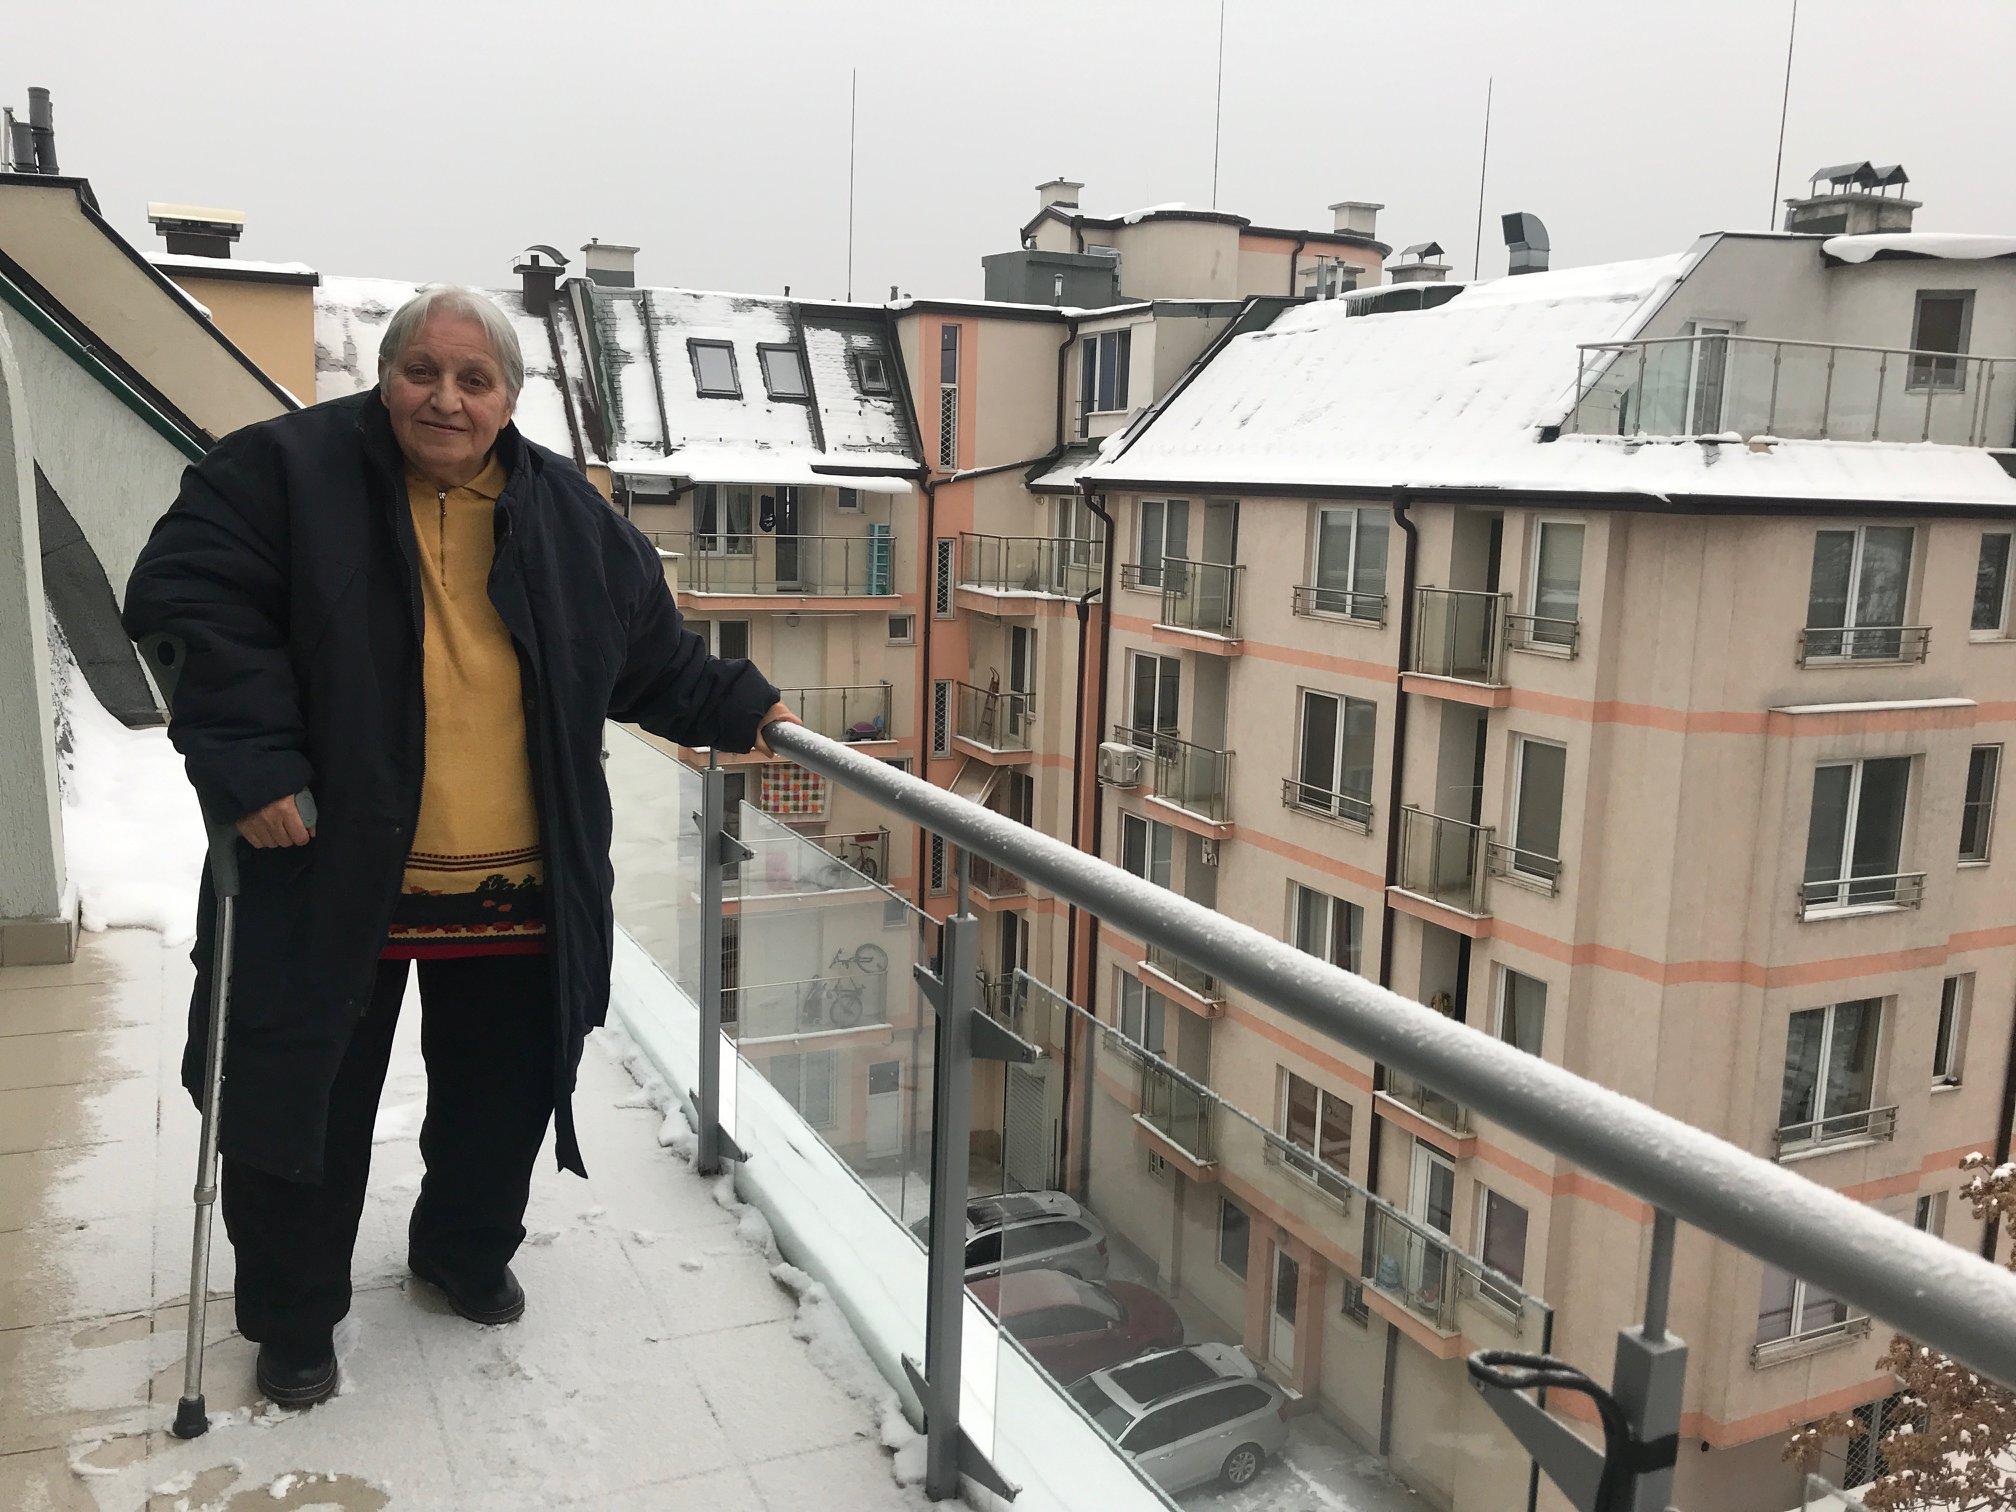 A los 73 años, Maria vive en Bulgaria, un país europeo de cultura antigua (Foto: Andrew McChesney)